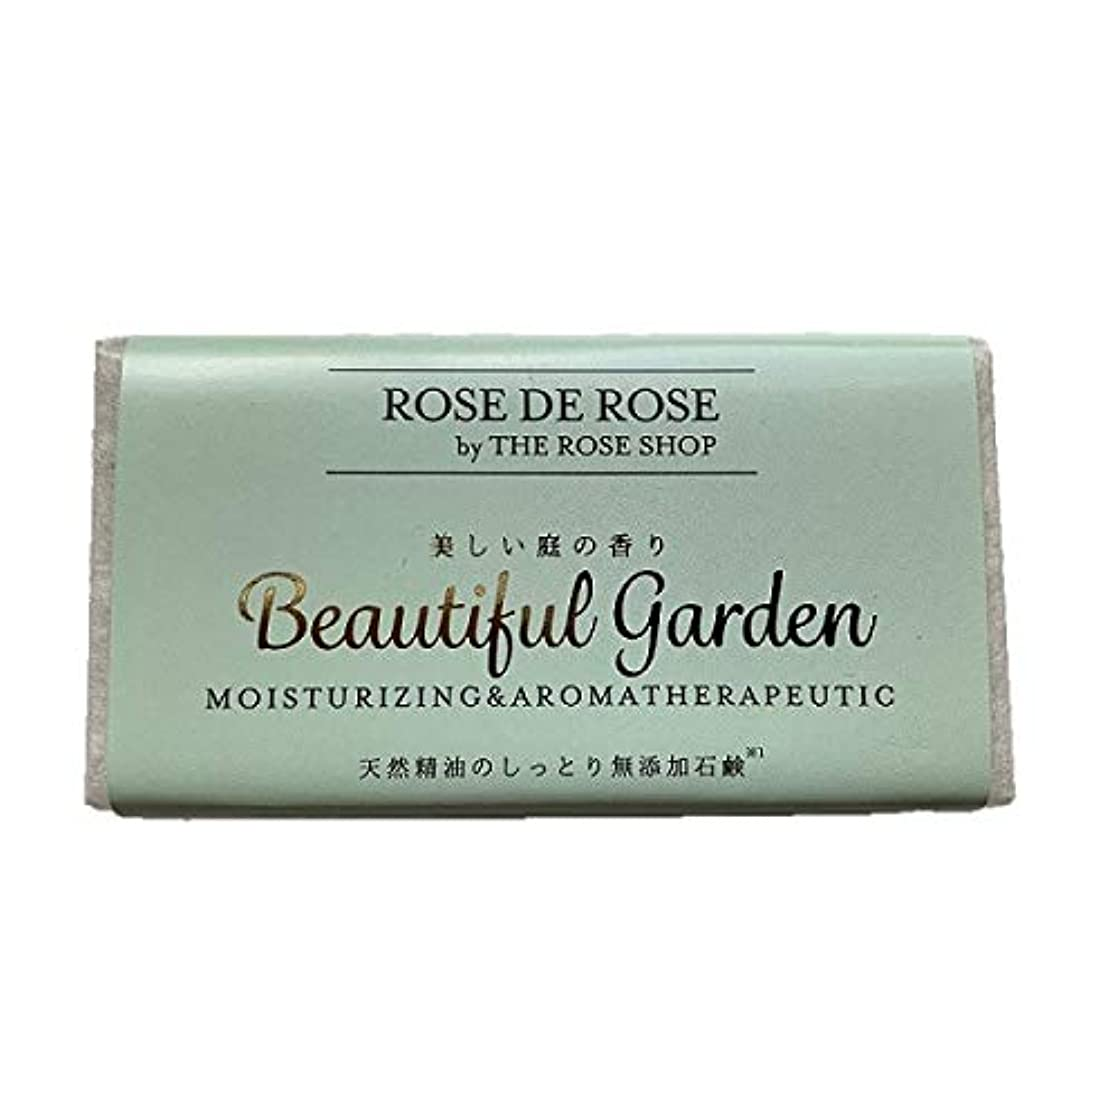 ドナウ川平衡狭い天然精油の無添加石鹸 「美しい庭の香り ビューティフルガーデン」3個セット